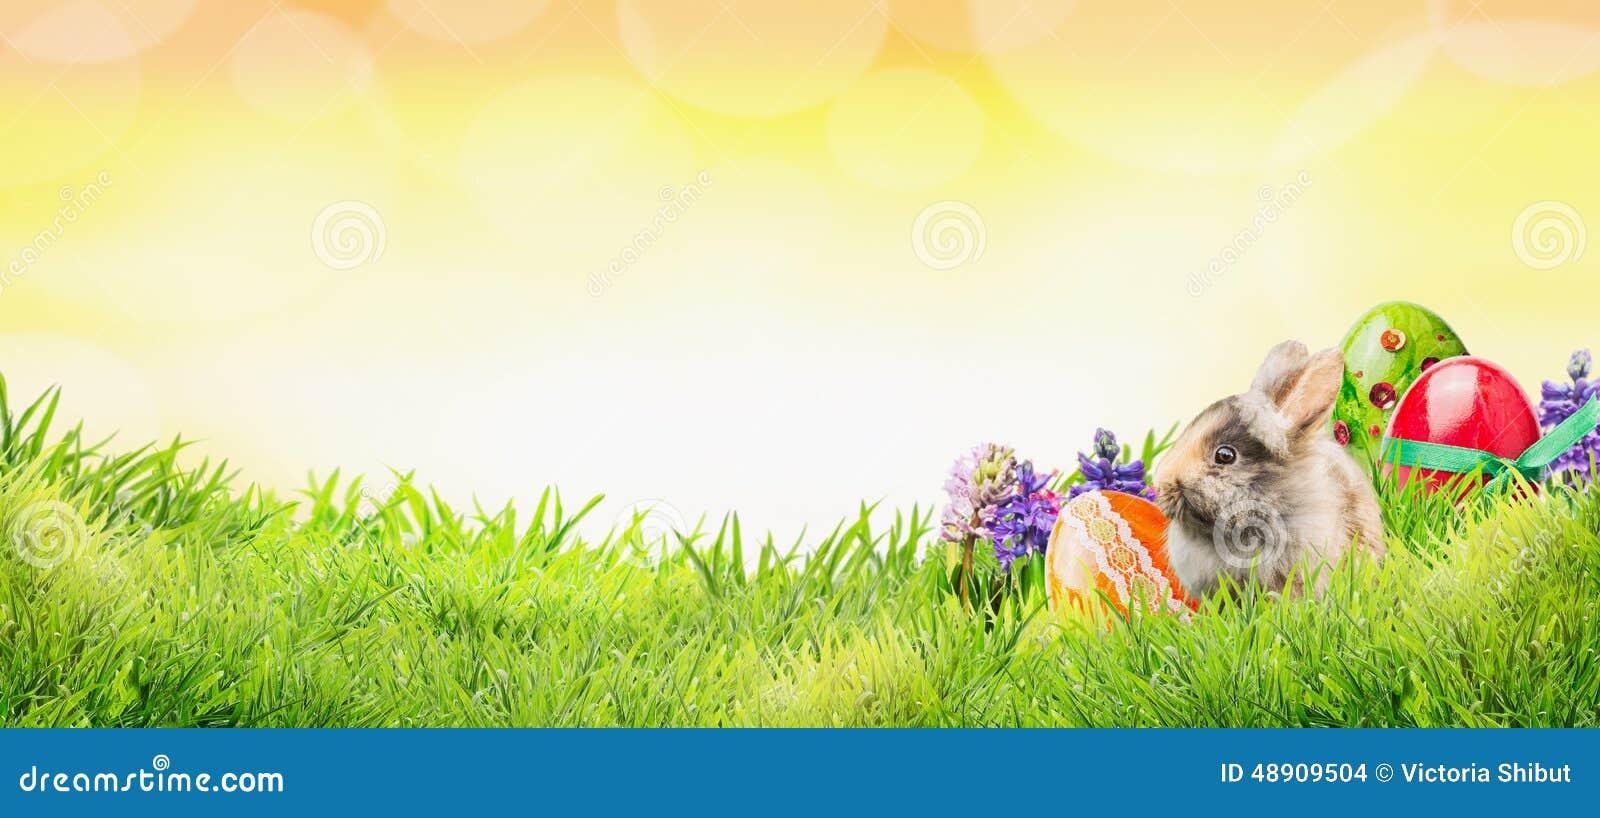 Wielkanocny tło z królikiem, jajkami i kwiatami na, trawie i pogodnym niebie z bokeh, sztandar